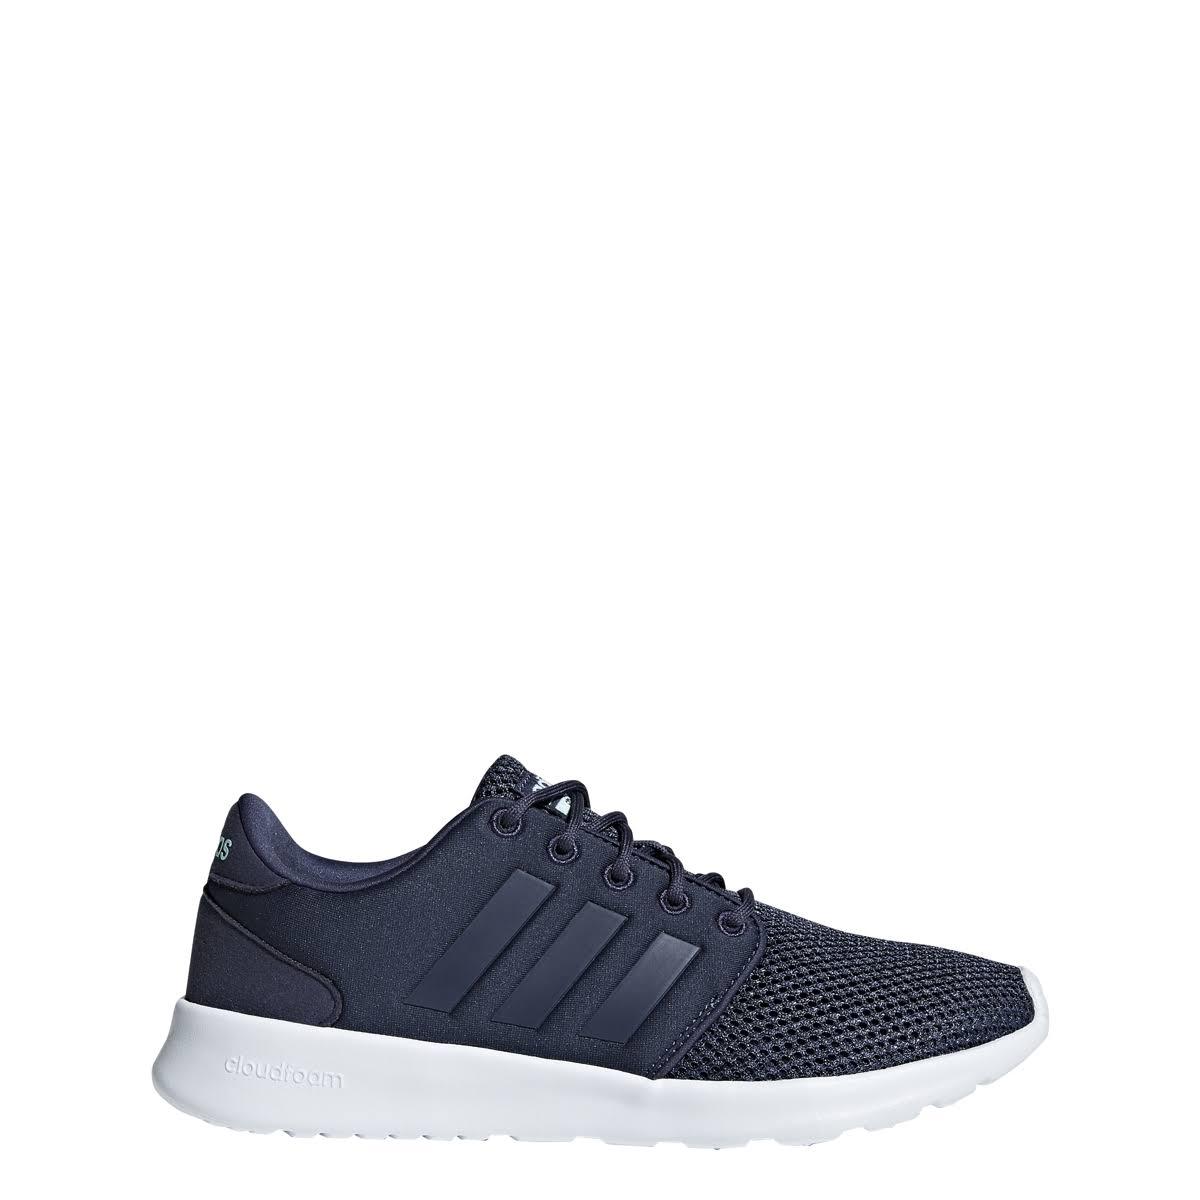 Nike Donna Adidas Qt Da Racer Di Cloudfoam Sneaker rCBeWdox